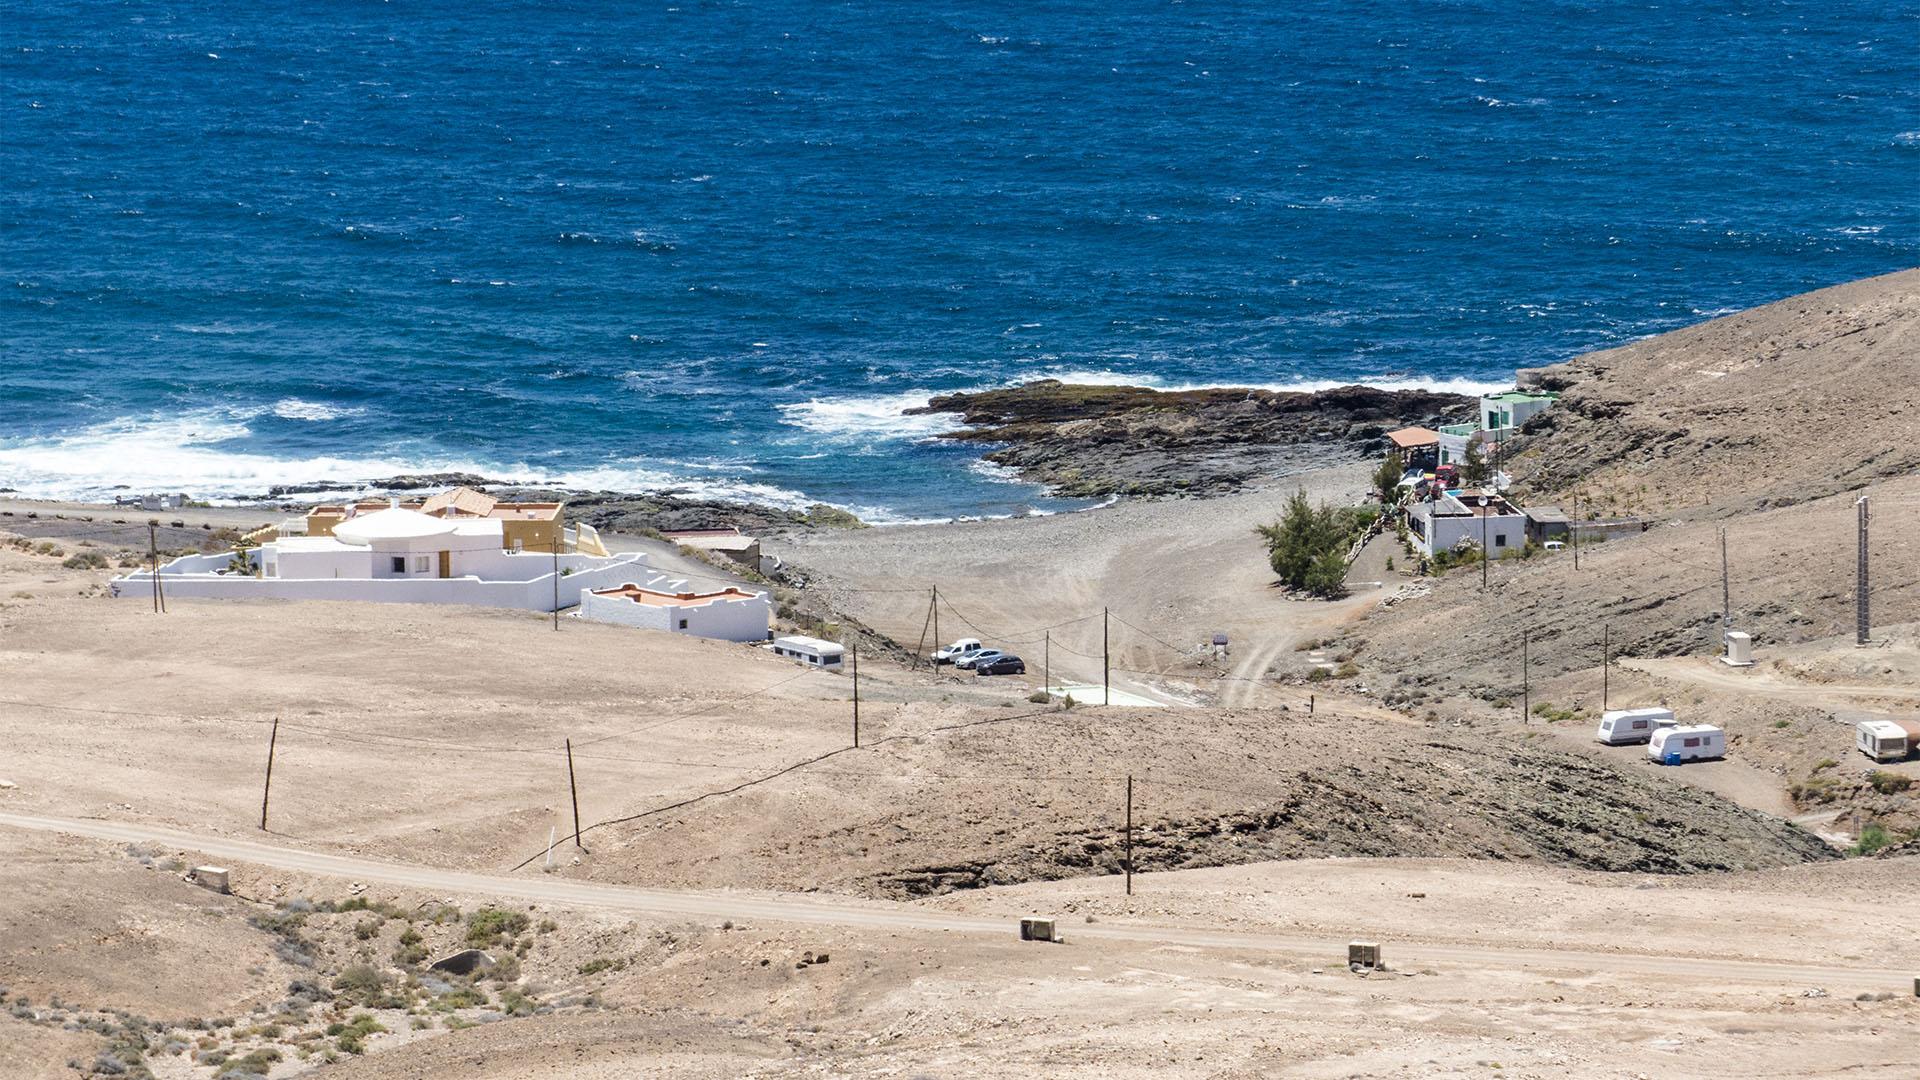 Die Strände Fuerteventuras: Playa Valle des Antaines